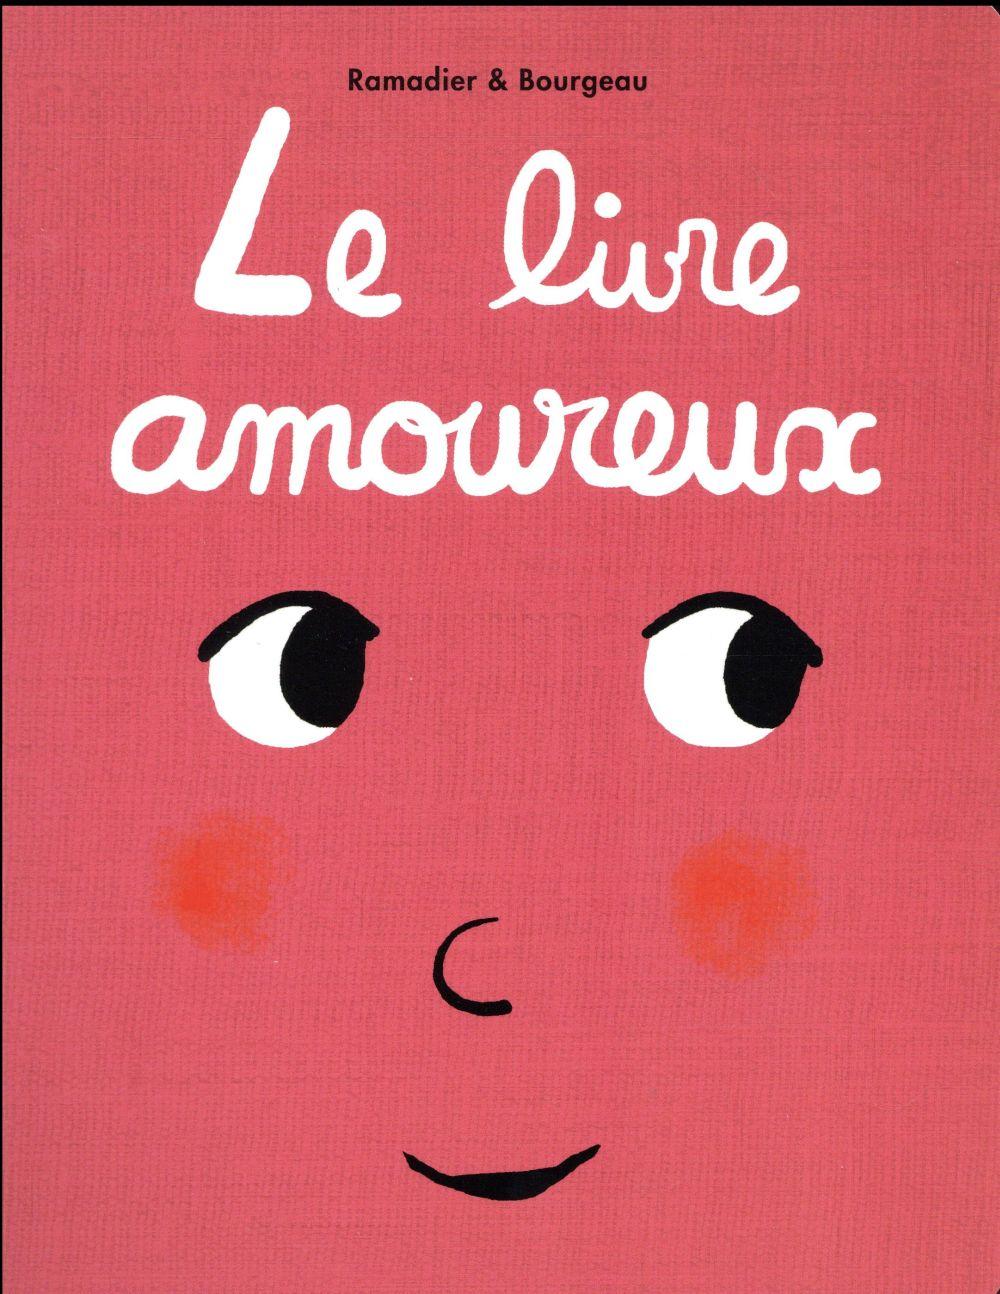 LIVRE AMOUREUX (LE)